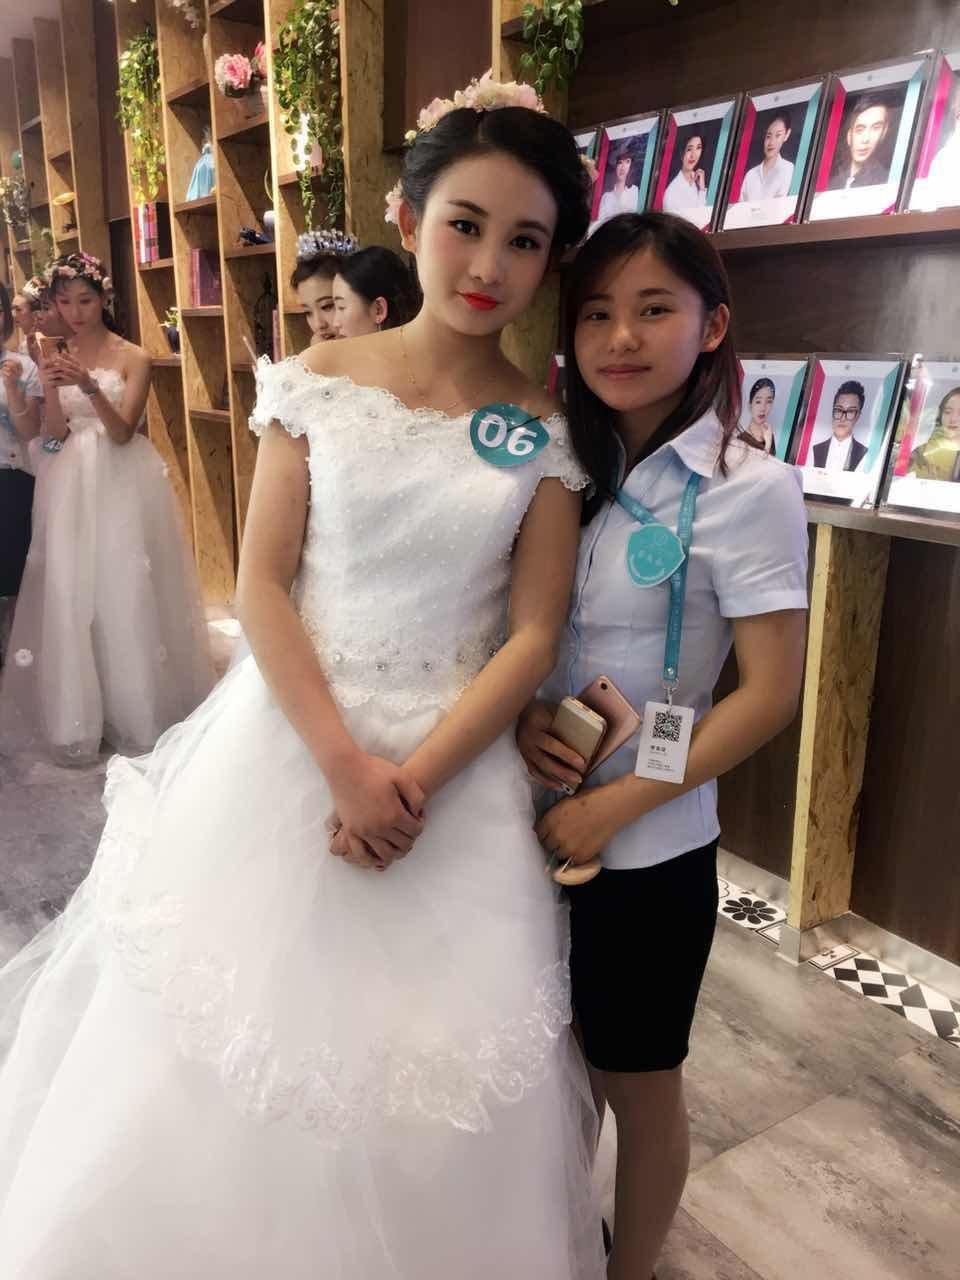 云南最专业的化妆培训学校,昆明影响力最大的化妆学校是哪家?